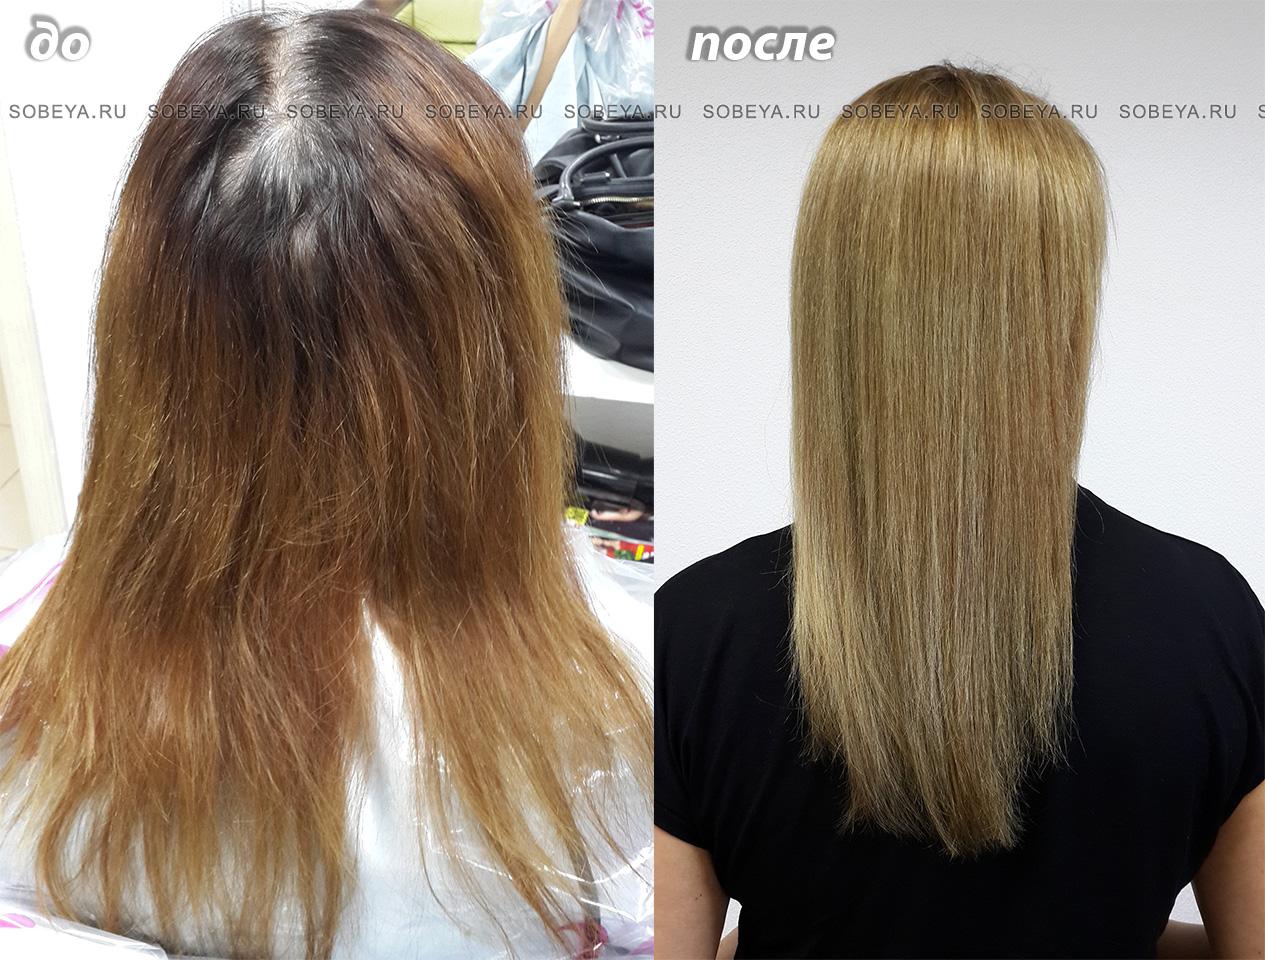 Седина Темная полоса Рыжеватые концы волос превращаются в ровный цвет на 8 уровне тона